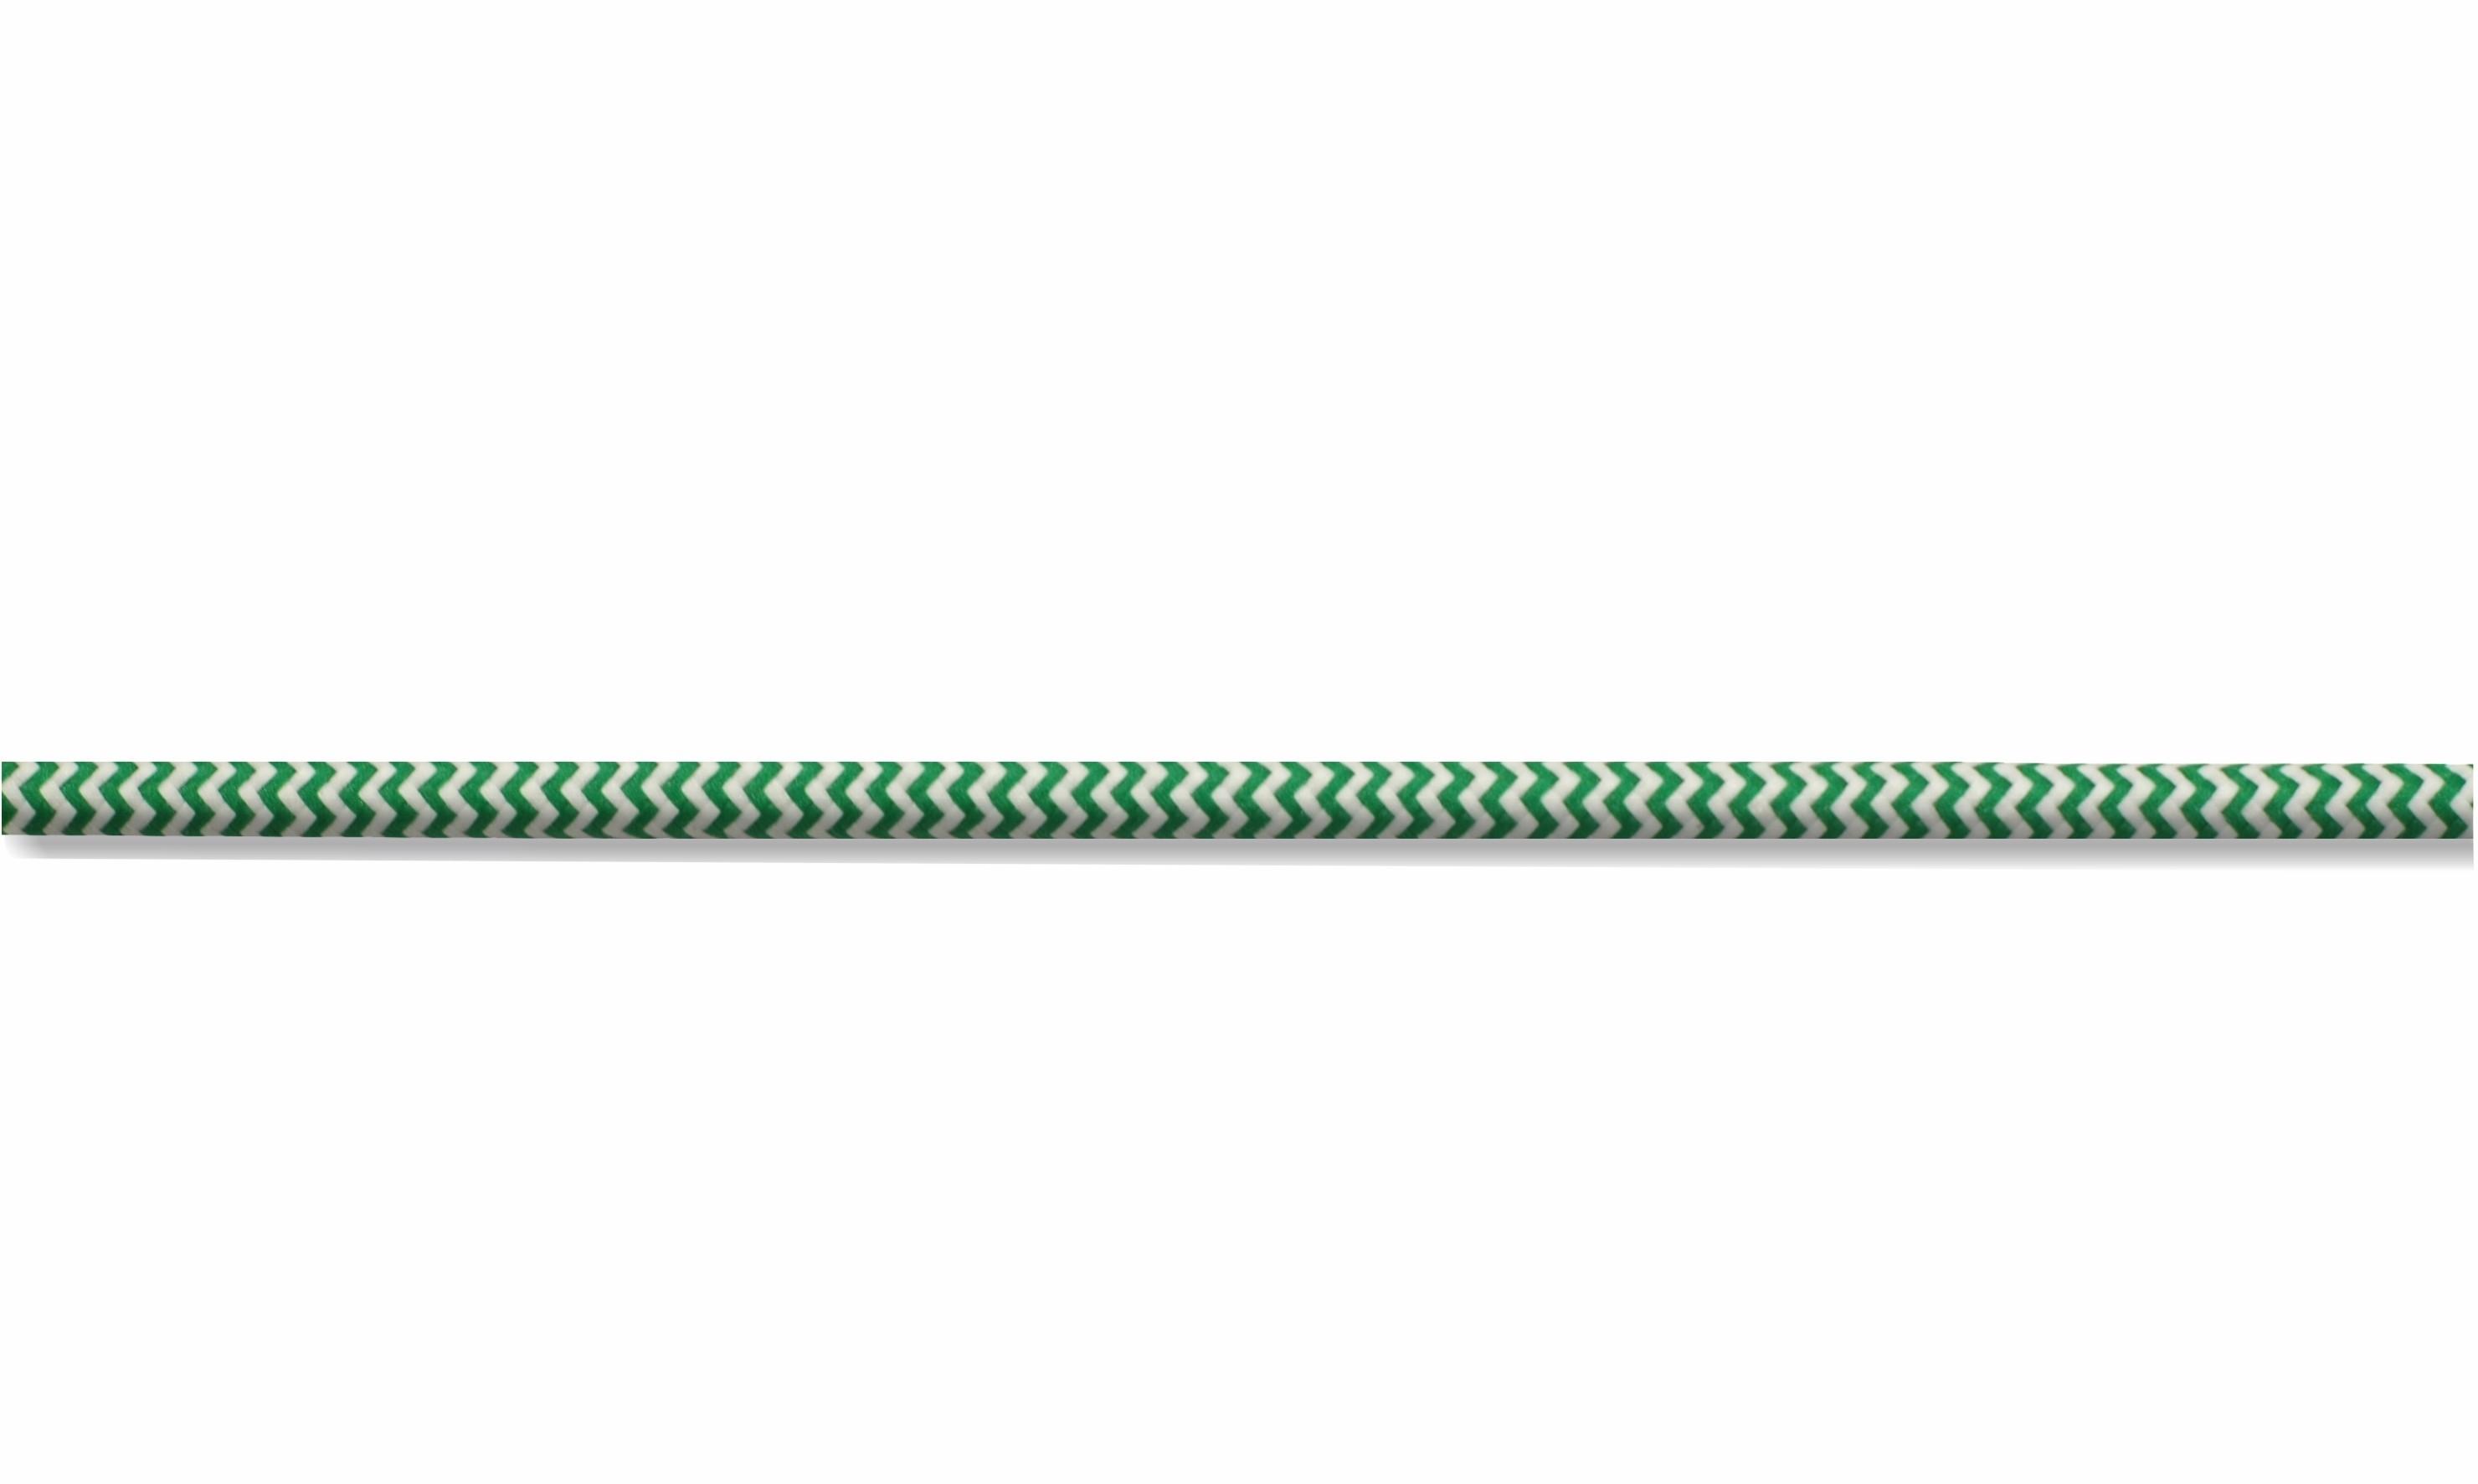 Kabel w oplocie okrągły biało-zielony 2x0,75